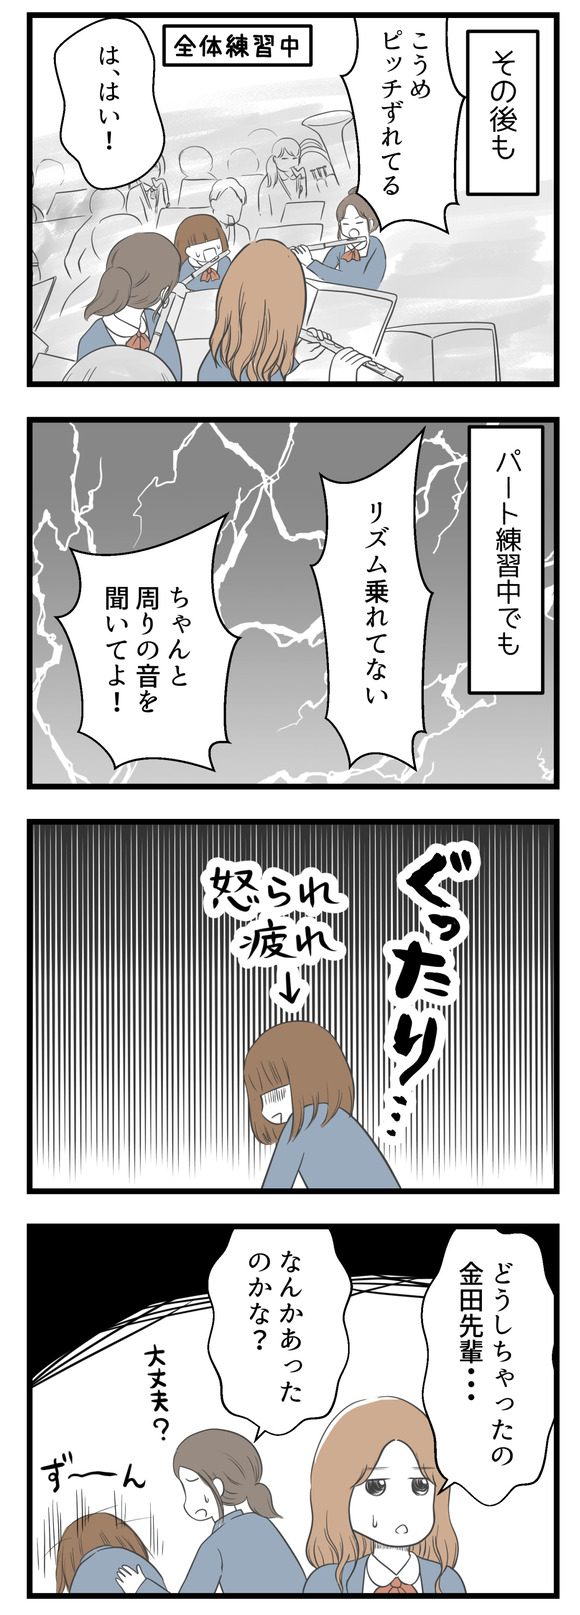 金田先輩の暴走-1-